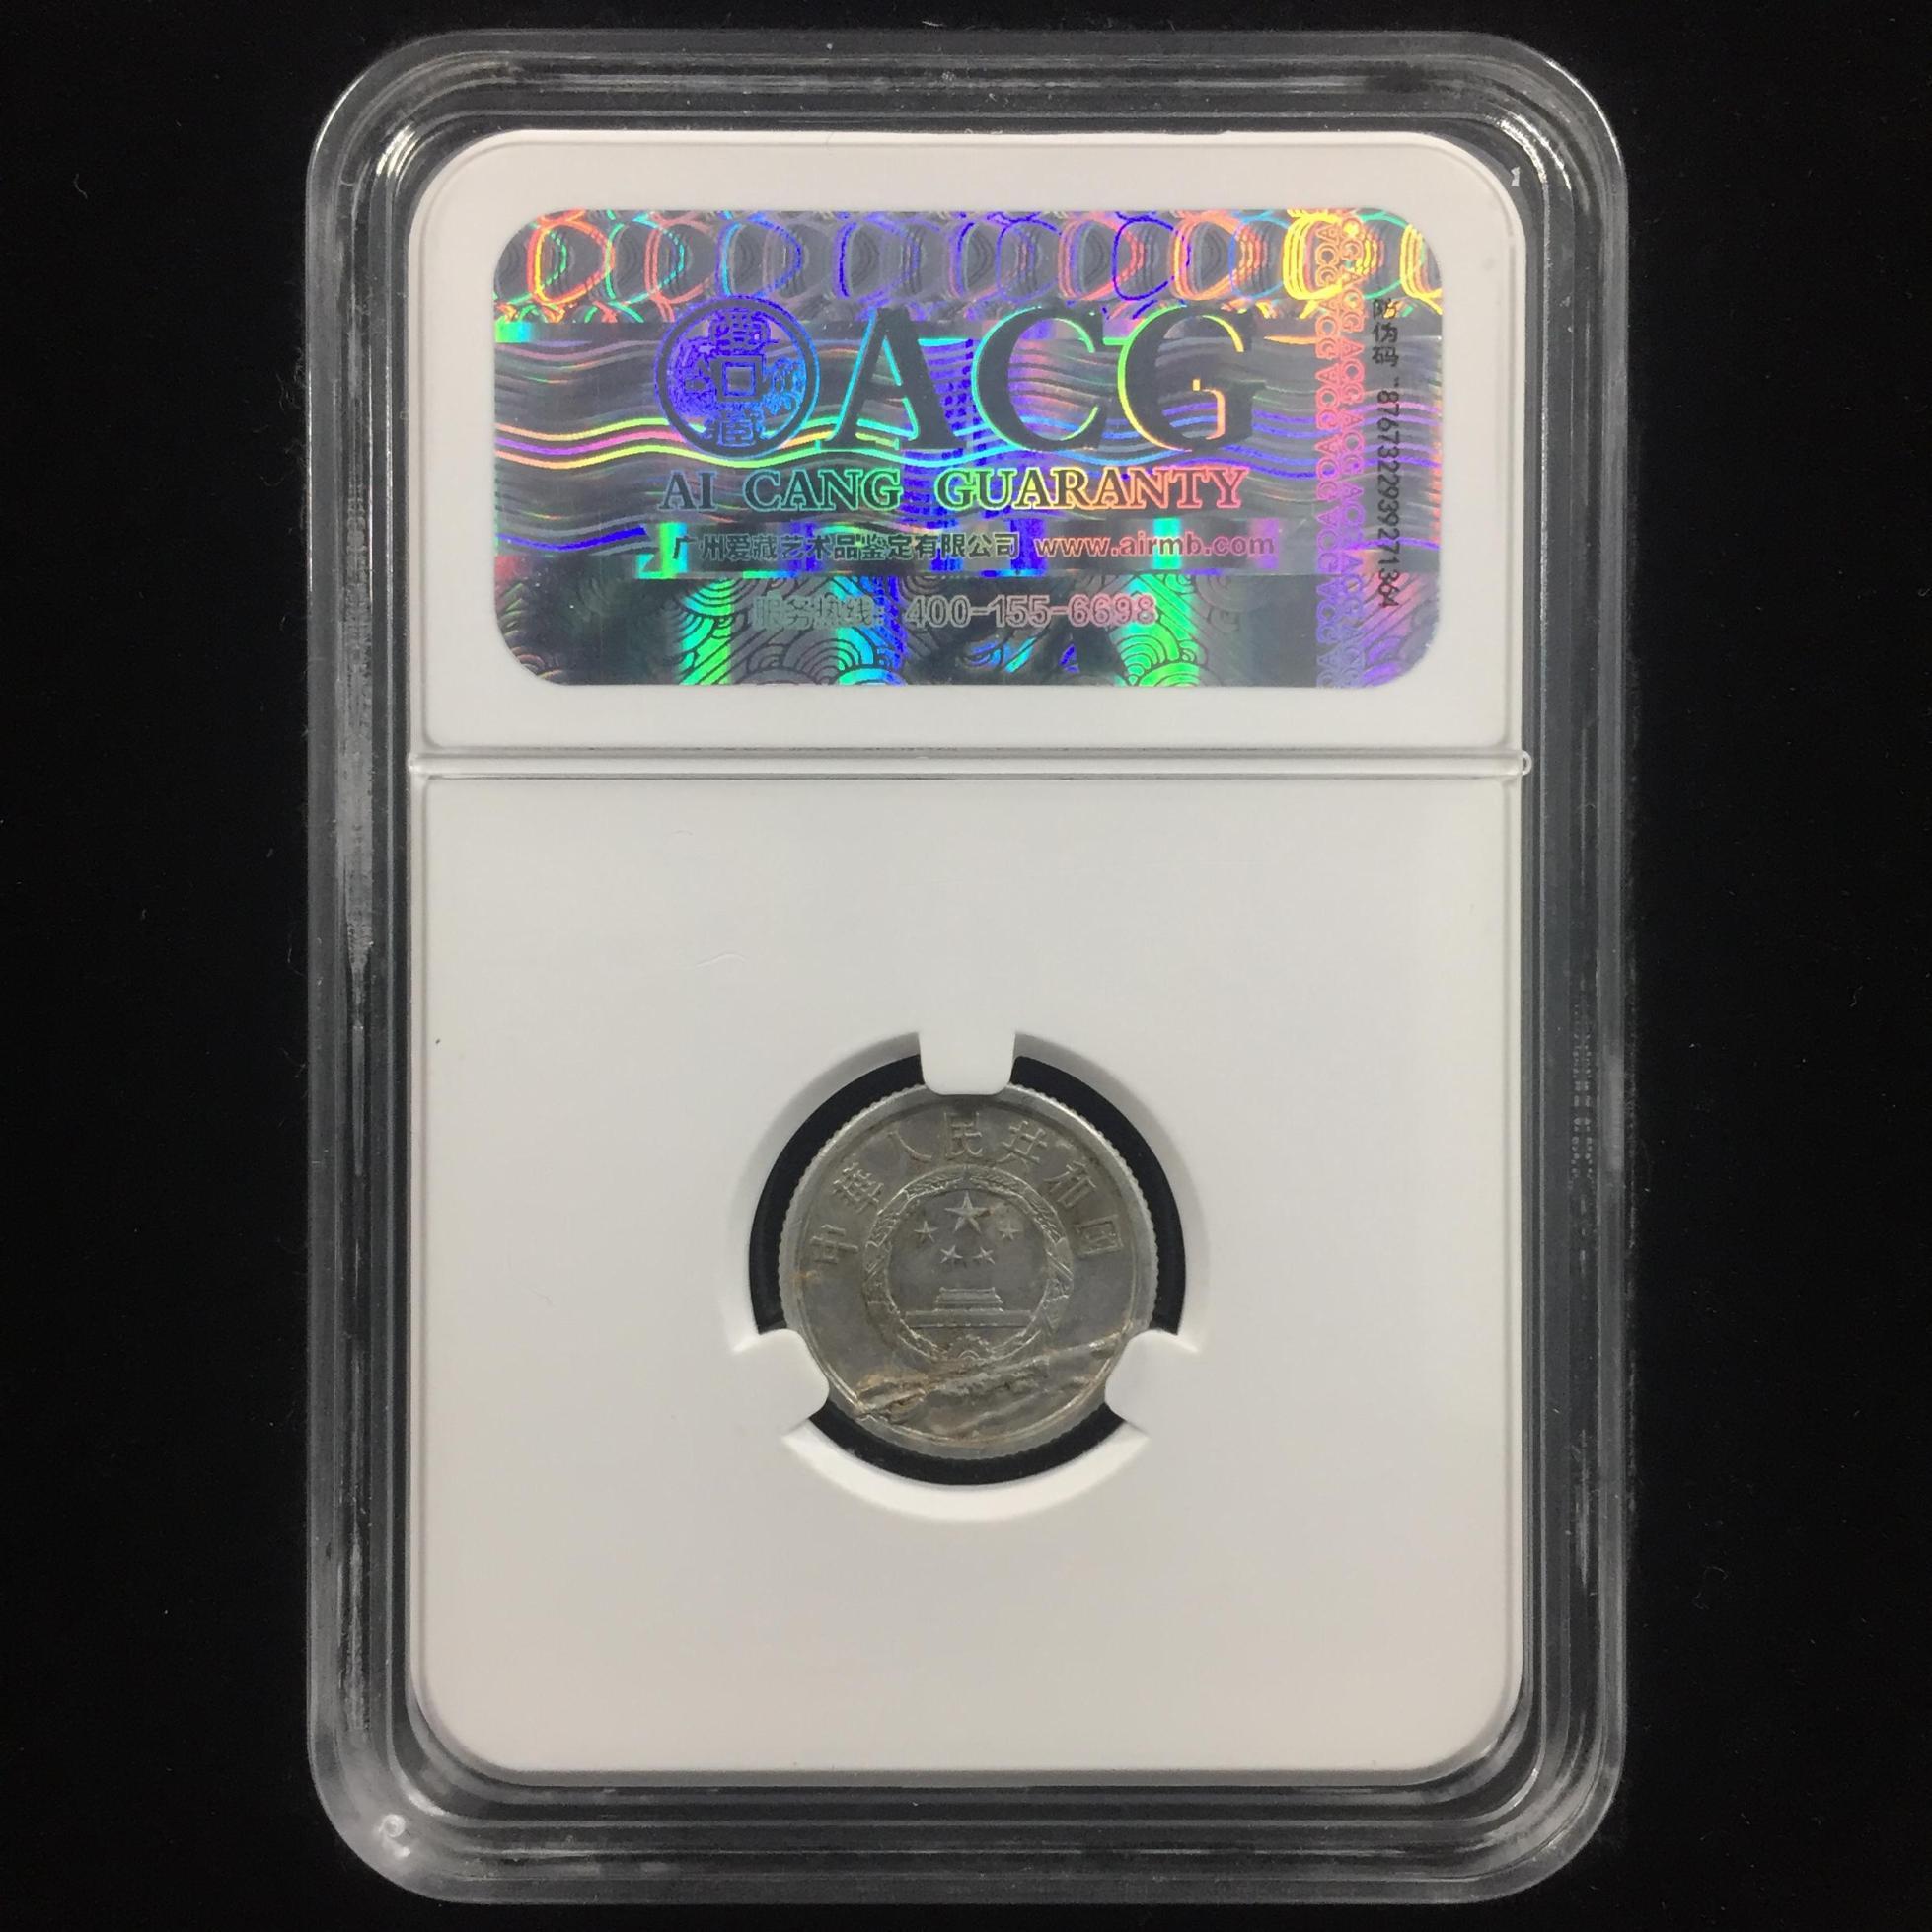 多肉币→1986年1分硬币→ACG鉴定证书-10757302